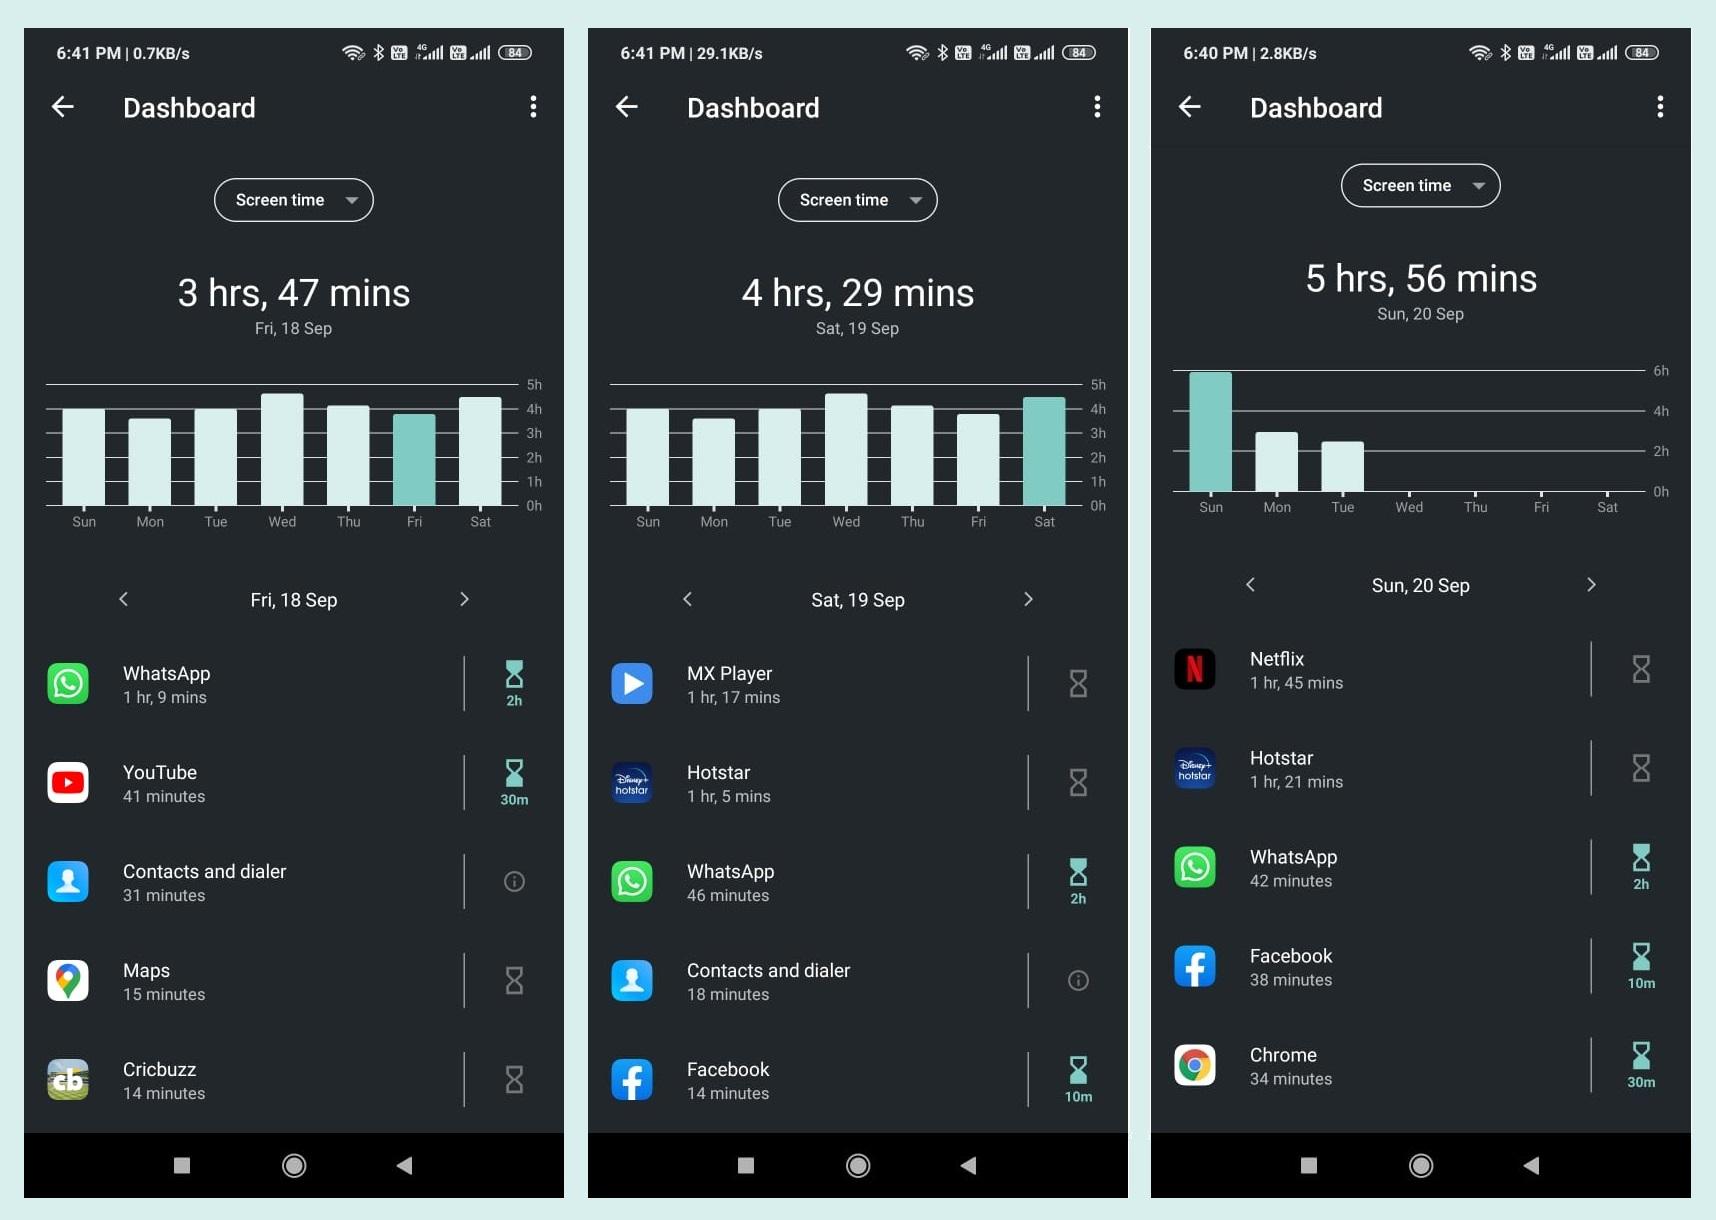 K2's Phone Usage - Ibandhu